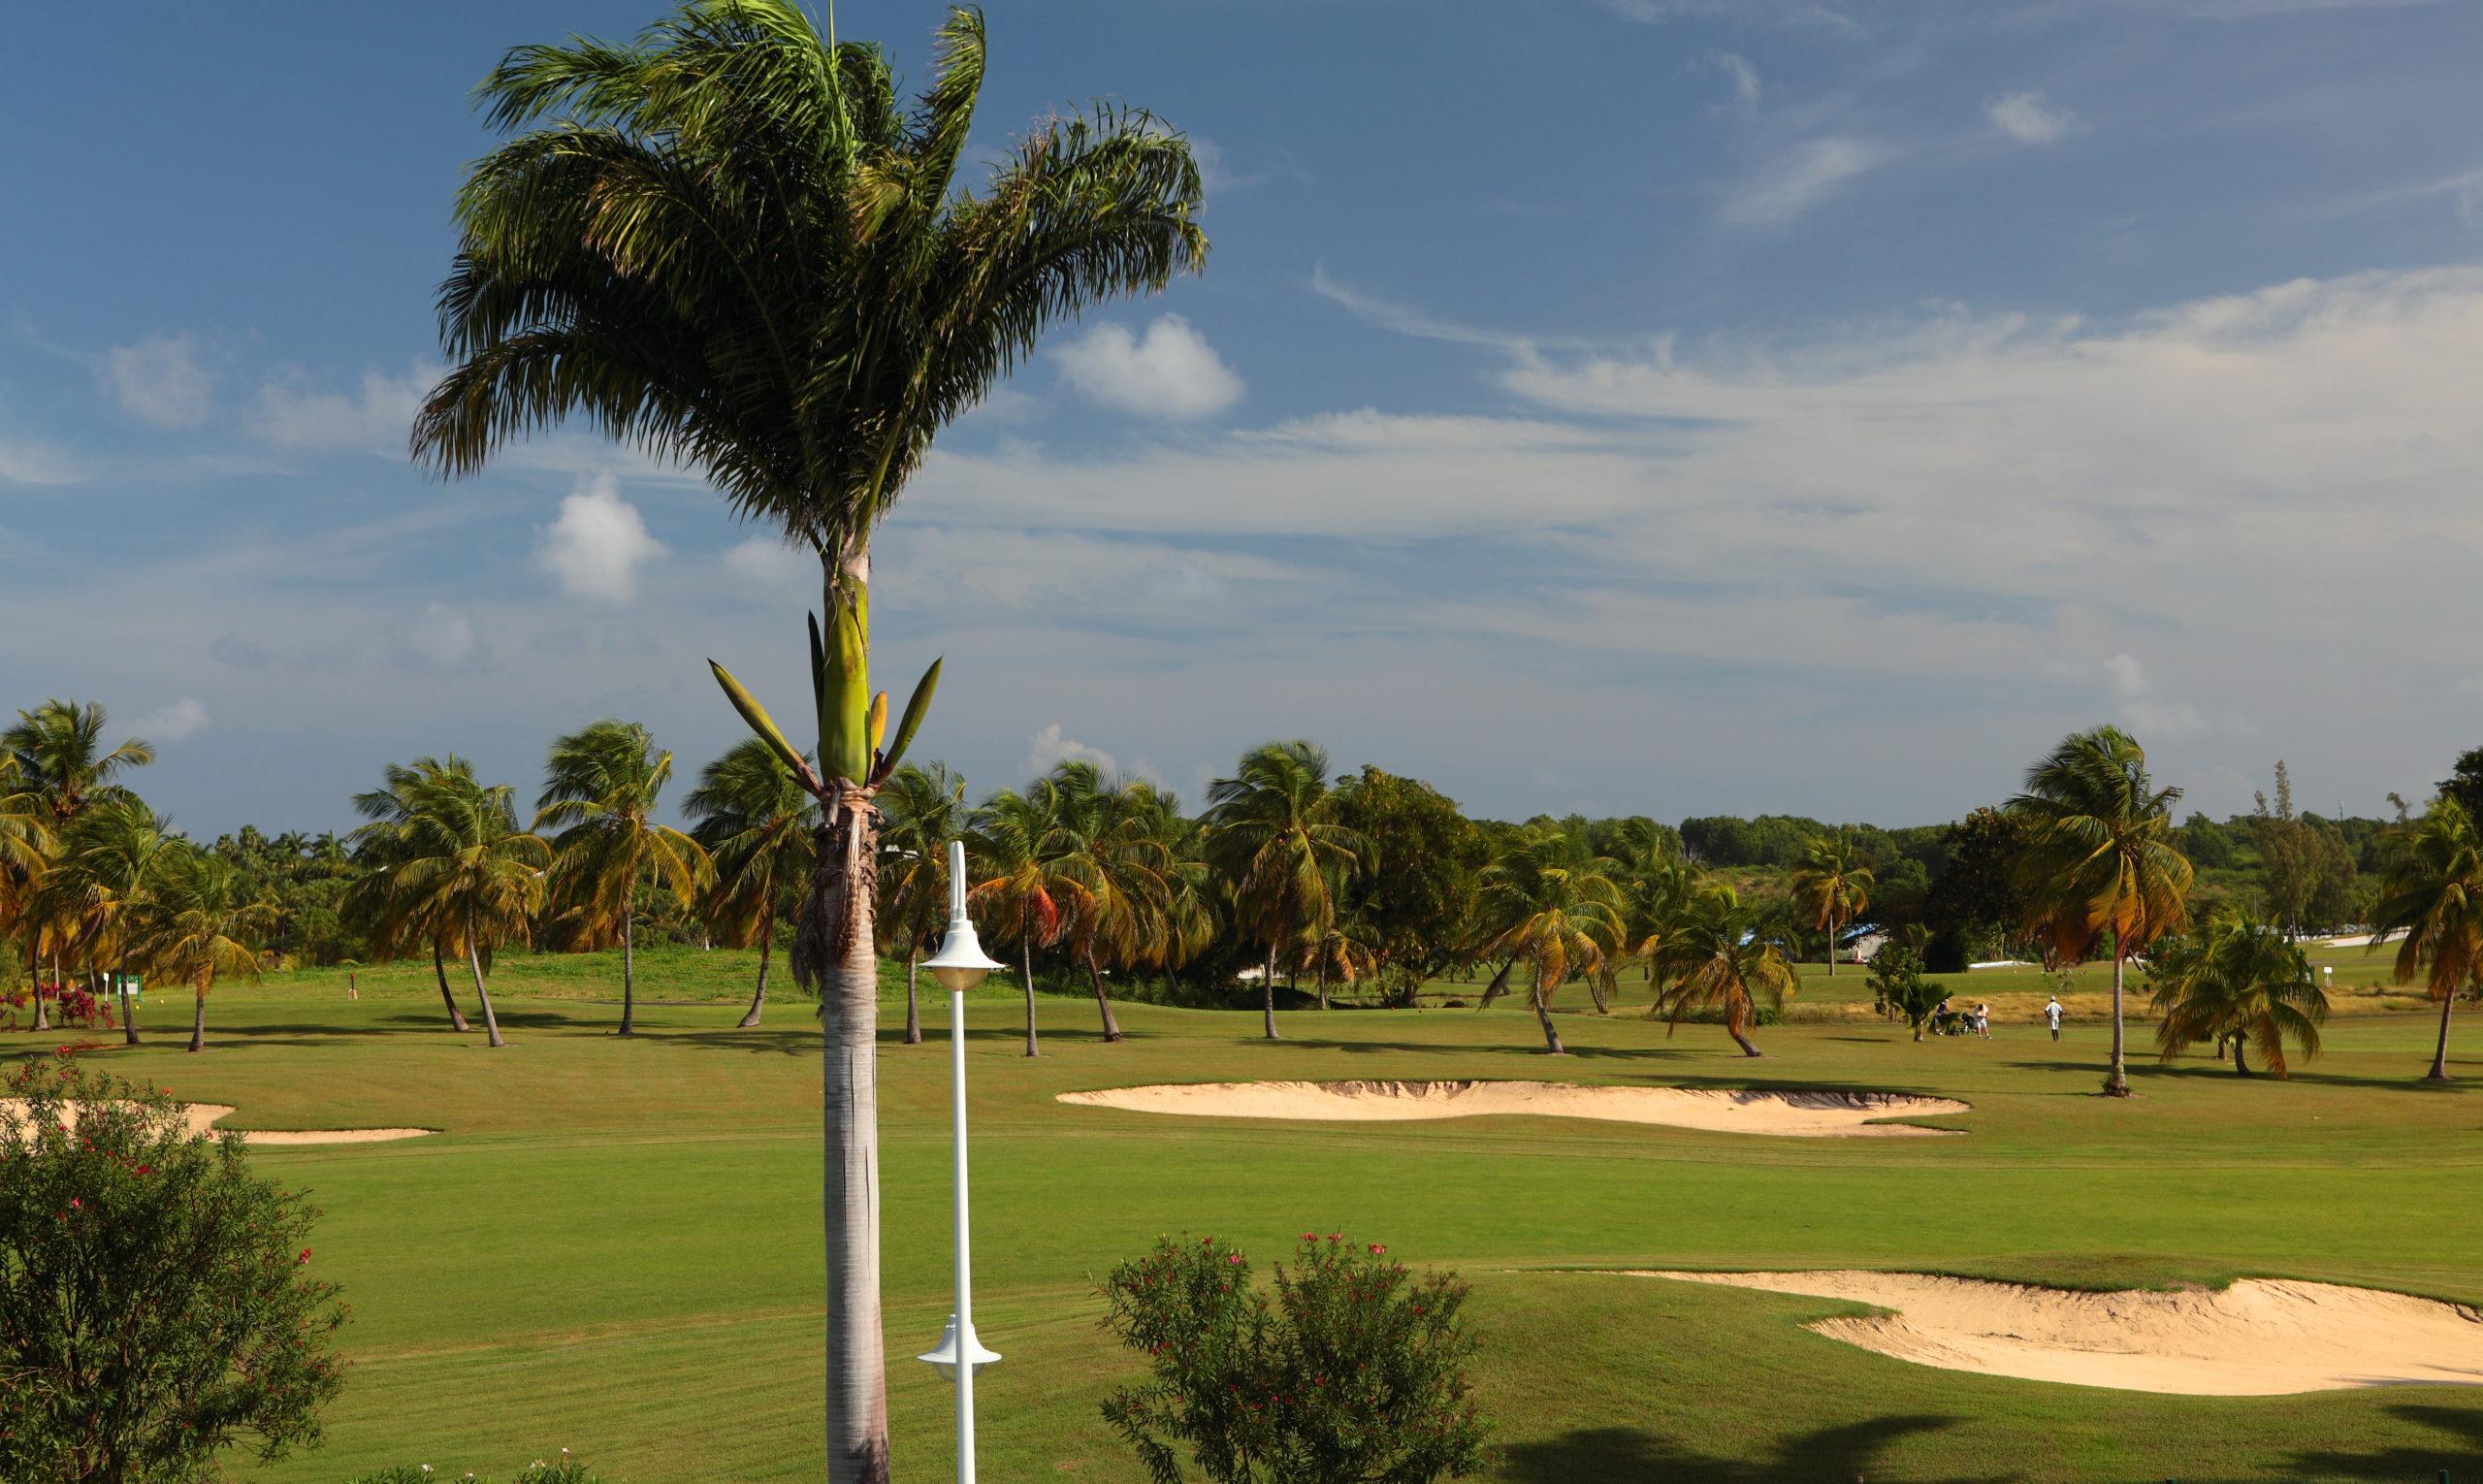 guadeloupe bwa chik hotel et golf